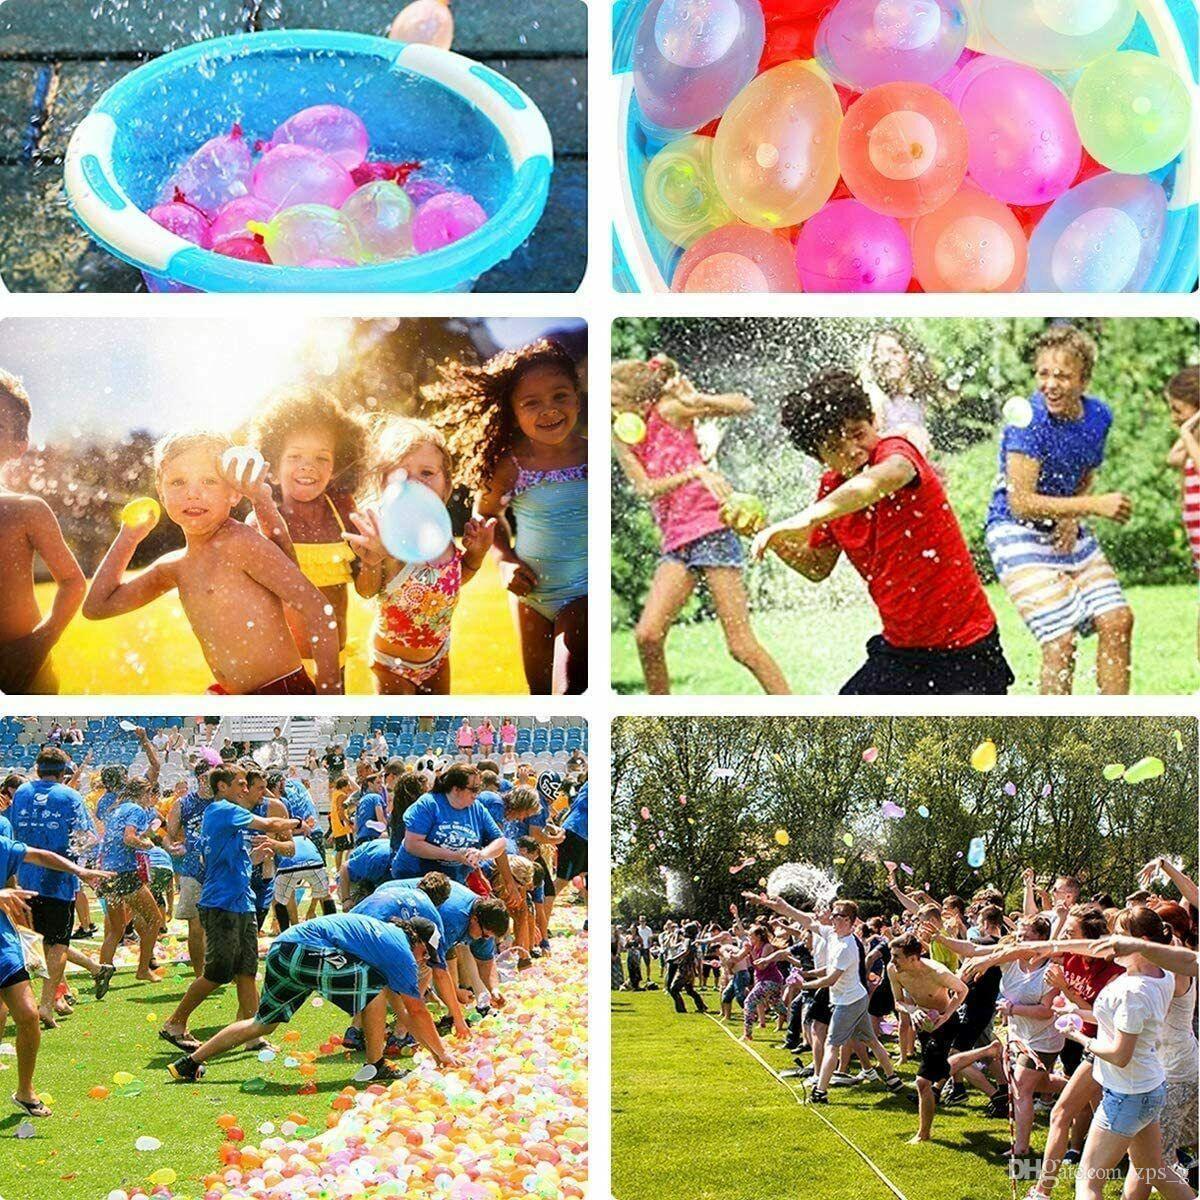 111Pcs Ballon Buntes Wasser gefüllte Ballons Sommer-Kind-Garten-Strand-Party Im Freien im Wasser spielen Ballons Spiele für Kinder Spielzeug 004